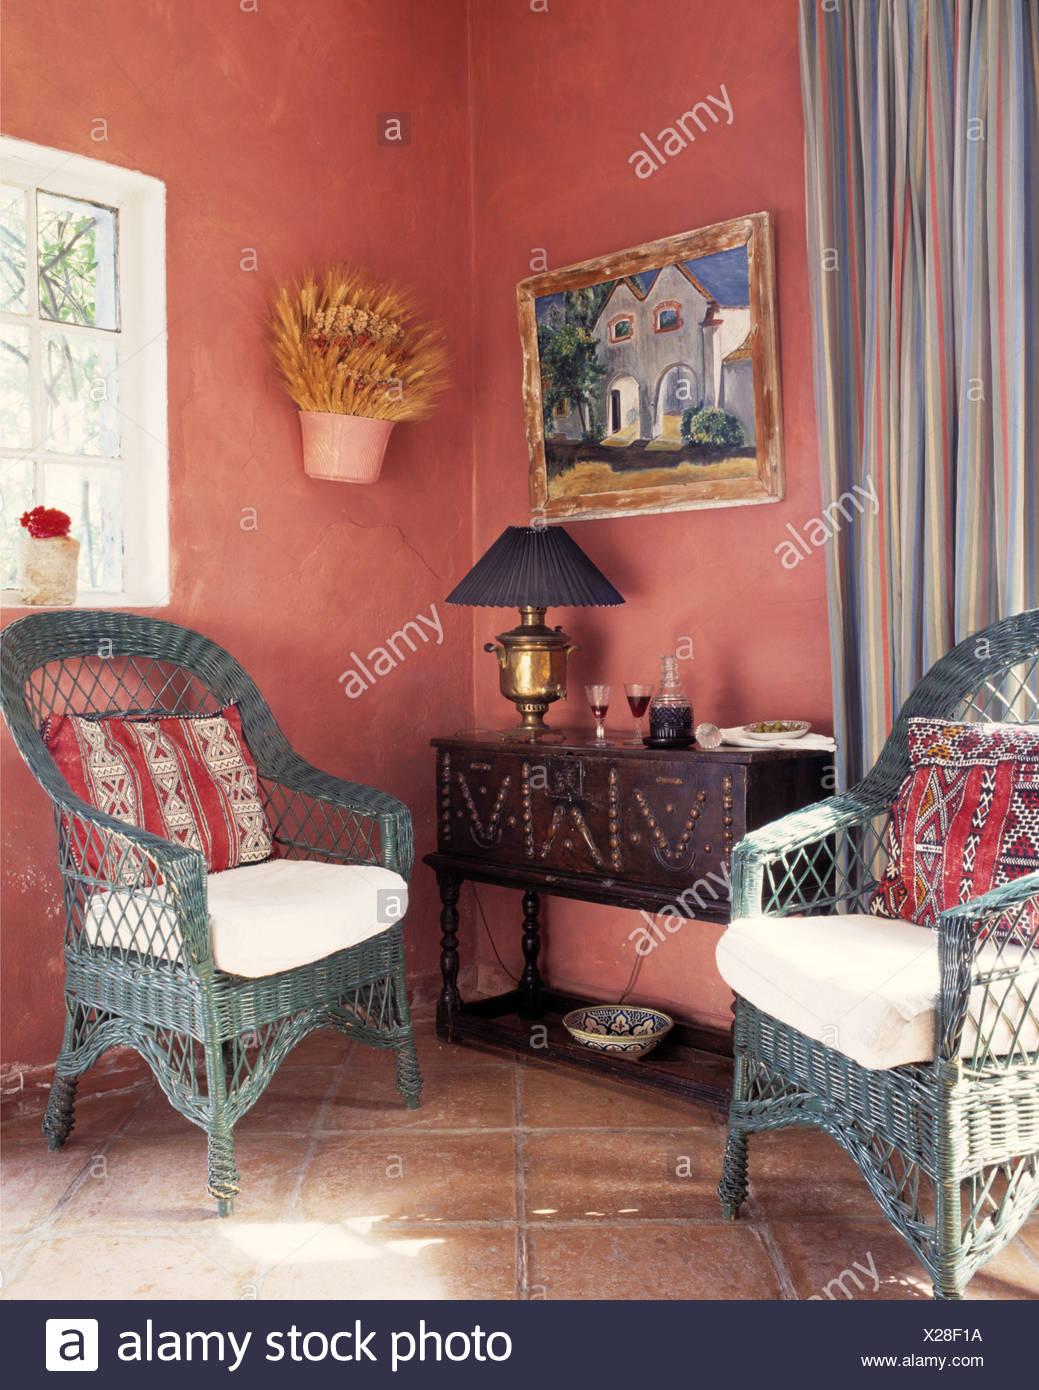 Grigio Con Cuscini Paese Sedie In Blu Colorati Di Rosa Canna XwkuPZTOi